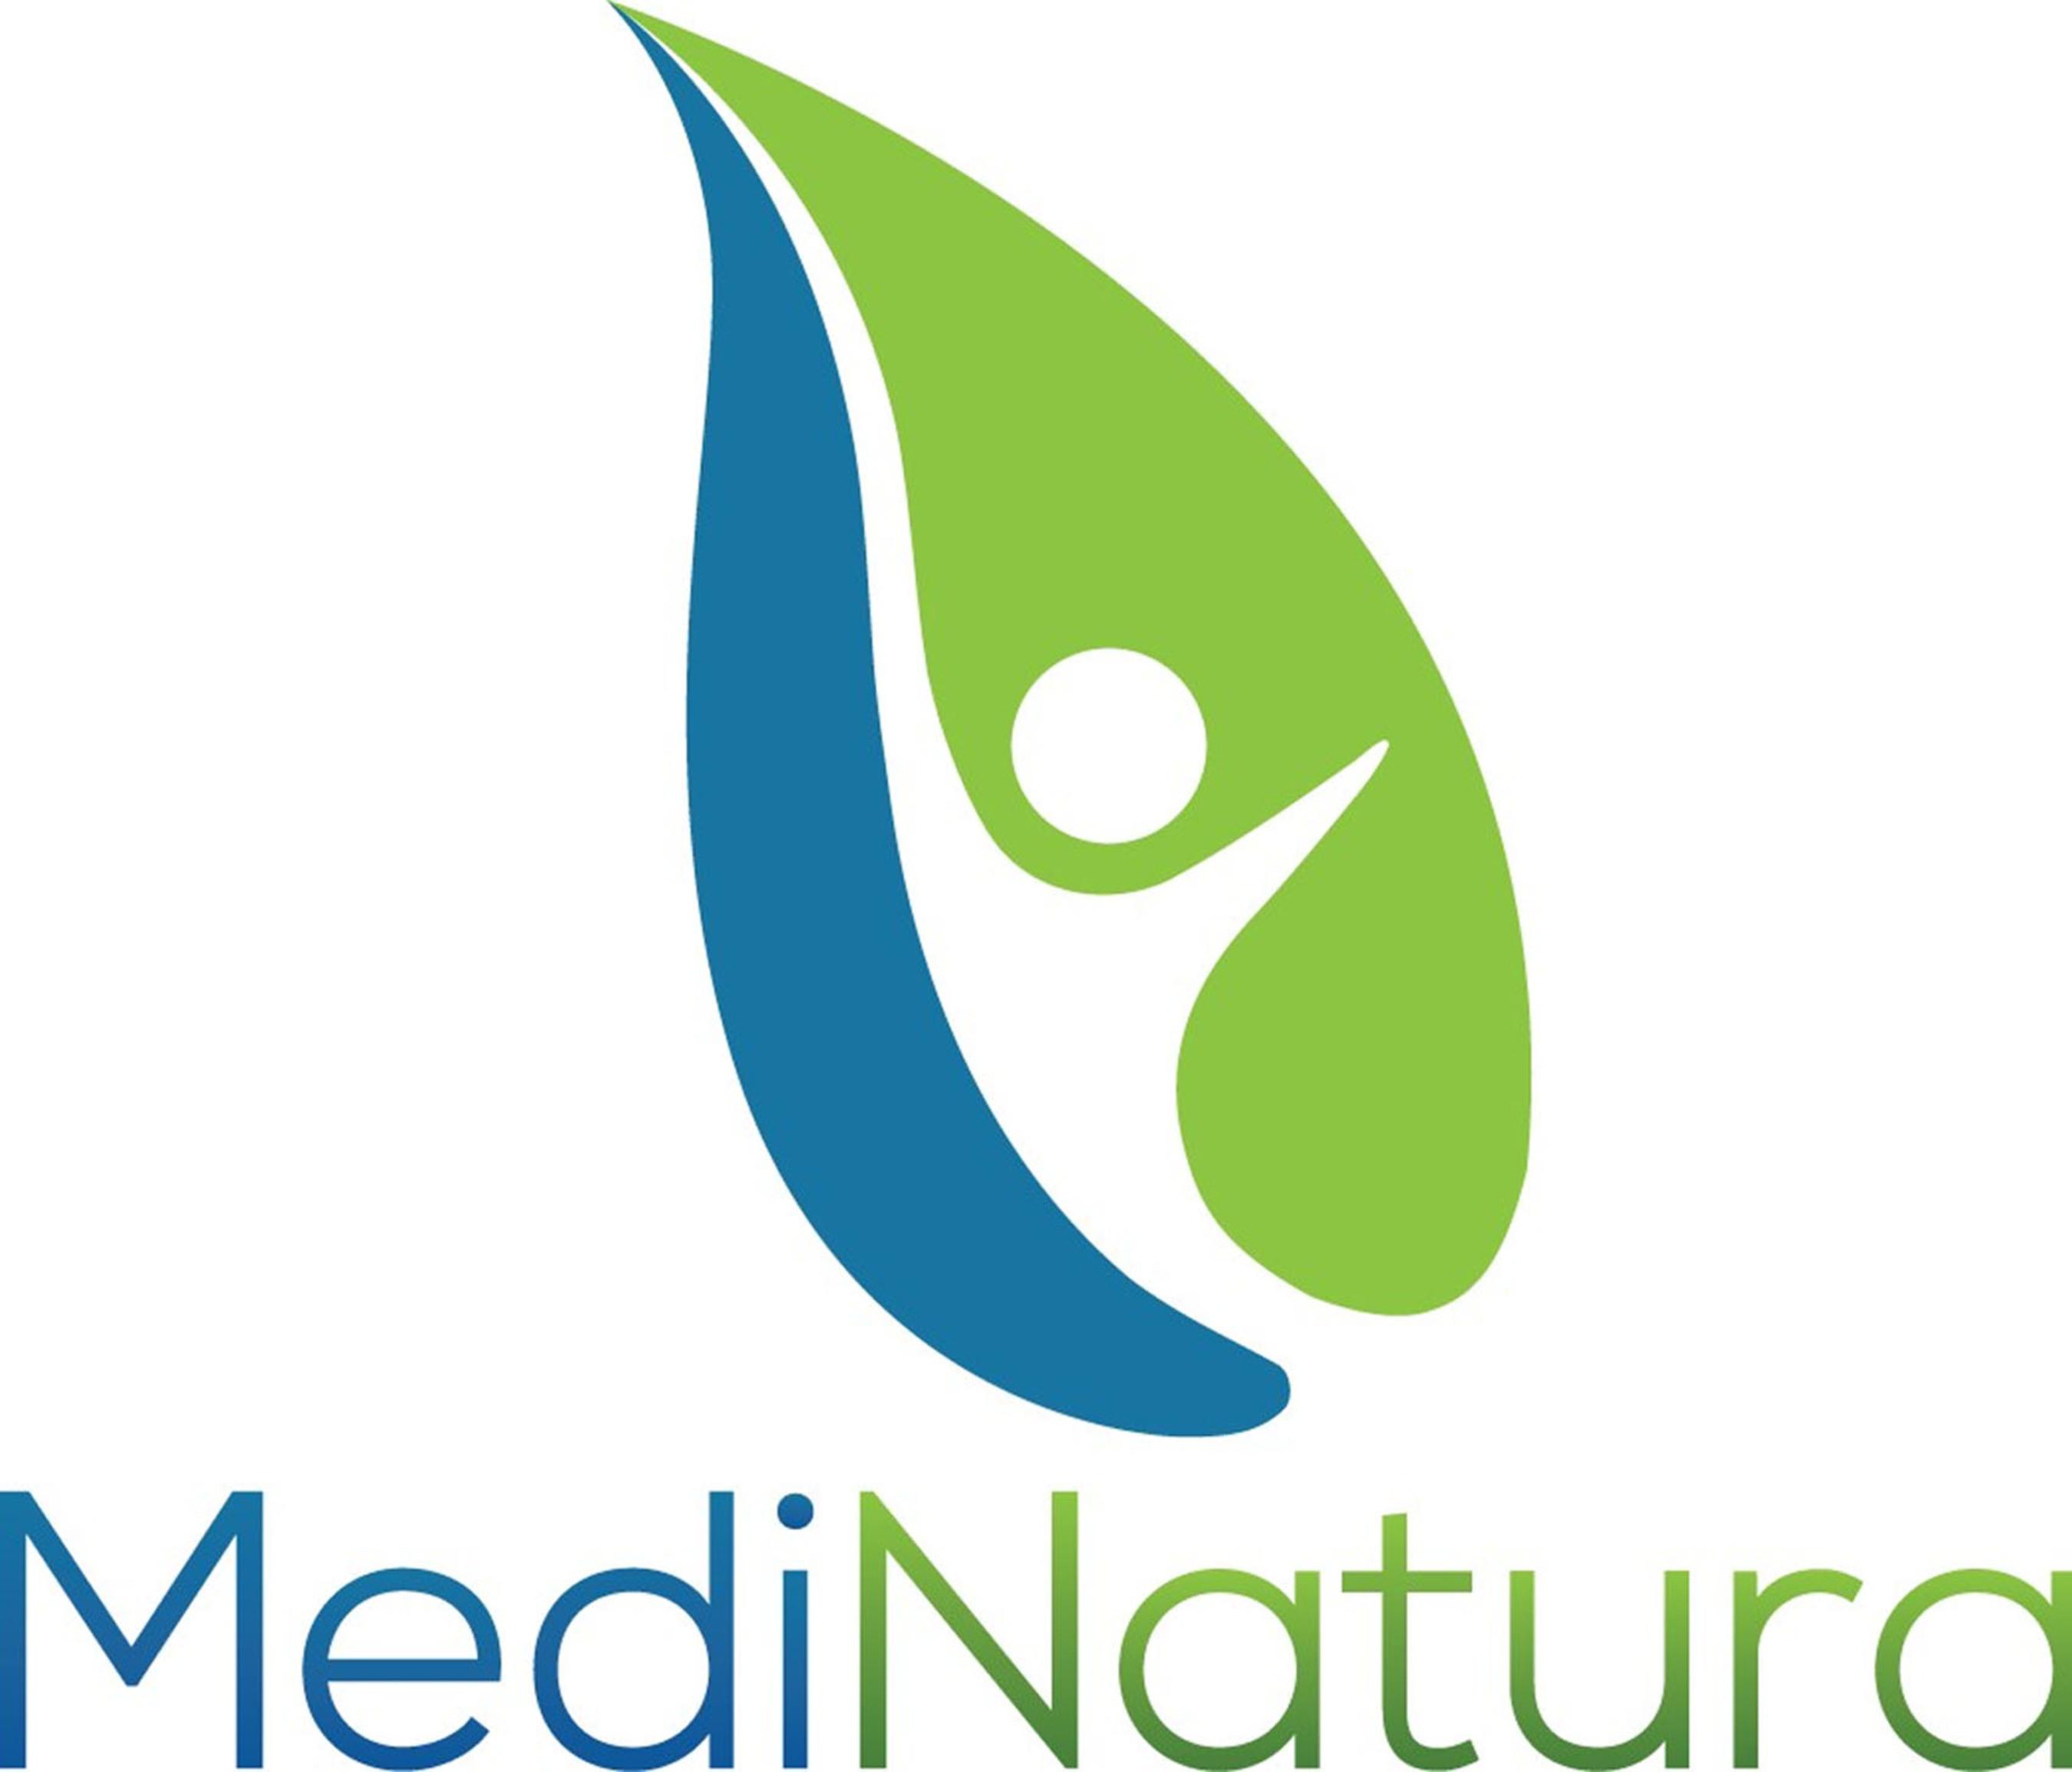 MediNatura